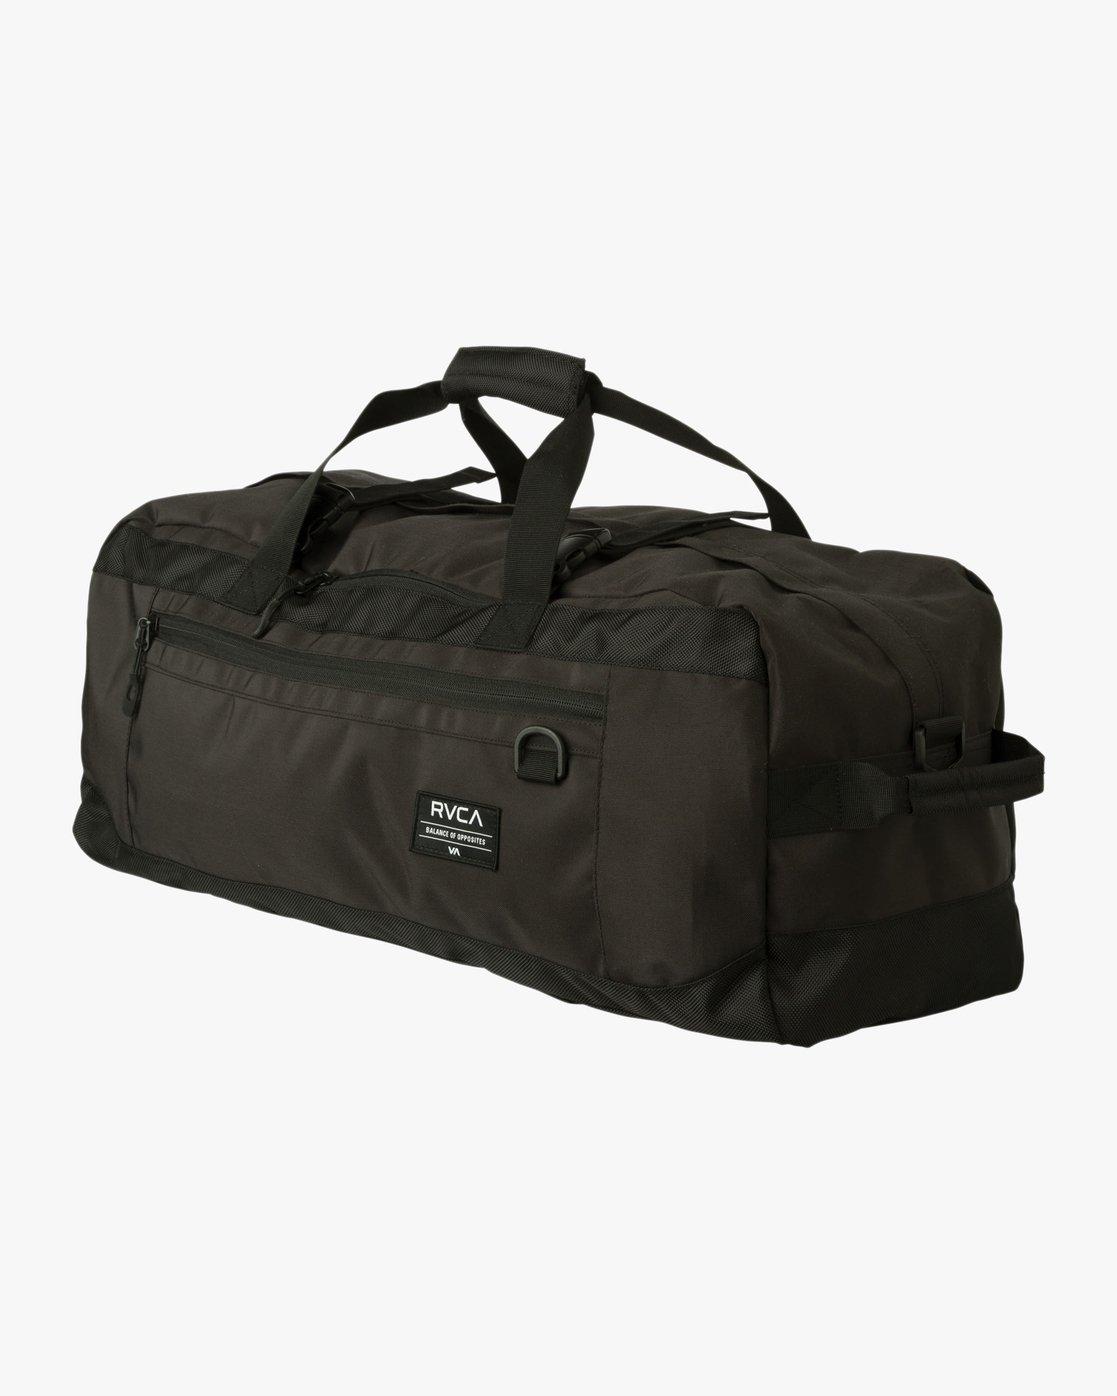 0 RVCA Skate Duffel Bag Black MABGQRSD RVCA f325a83419281